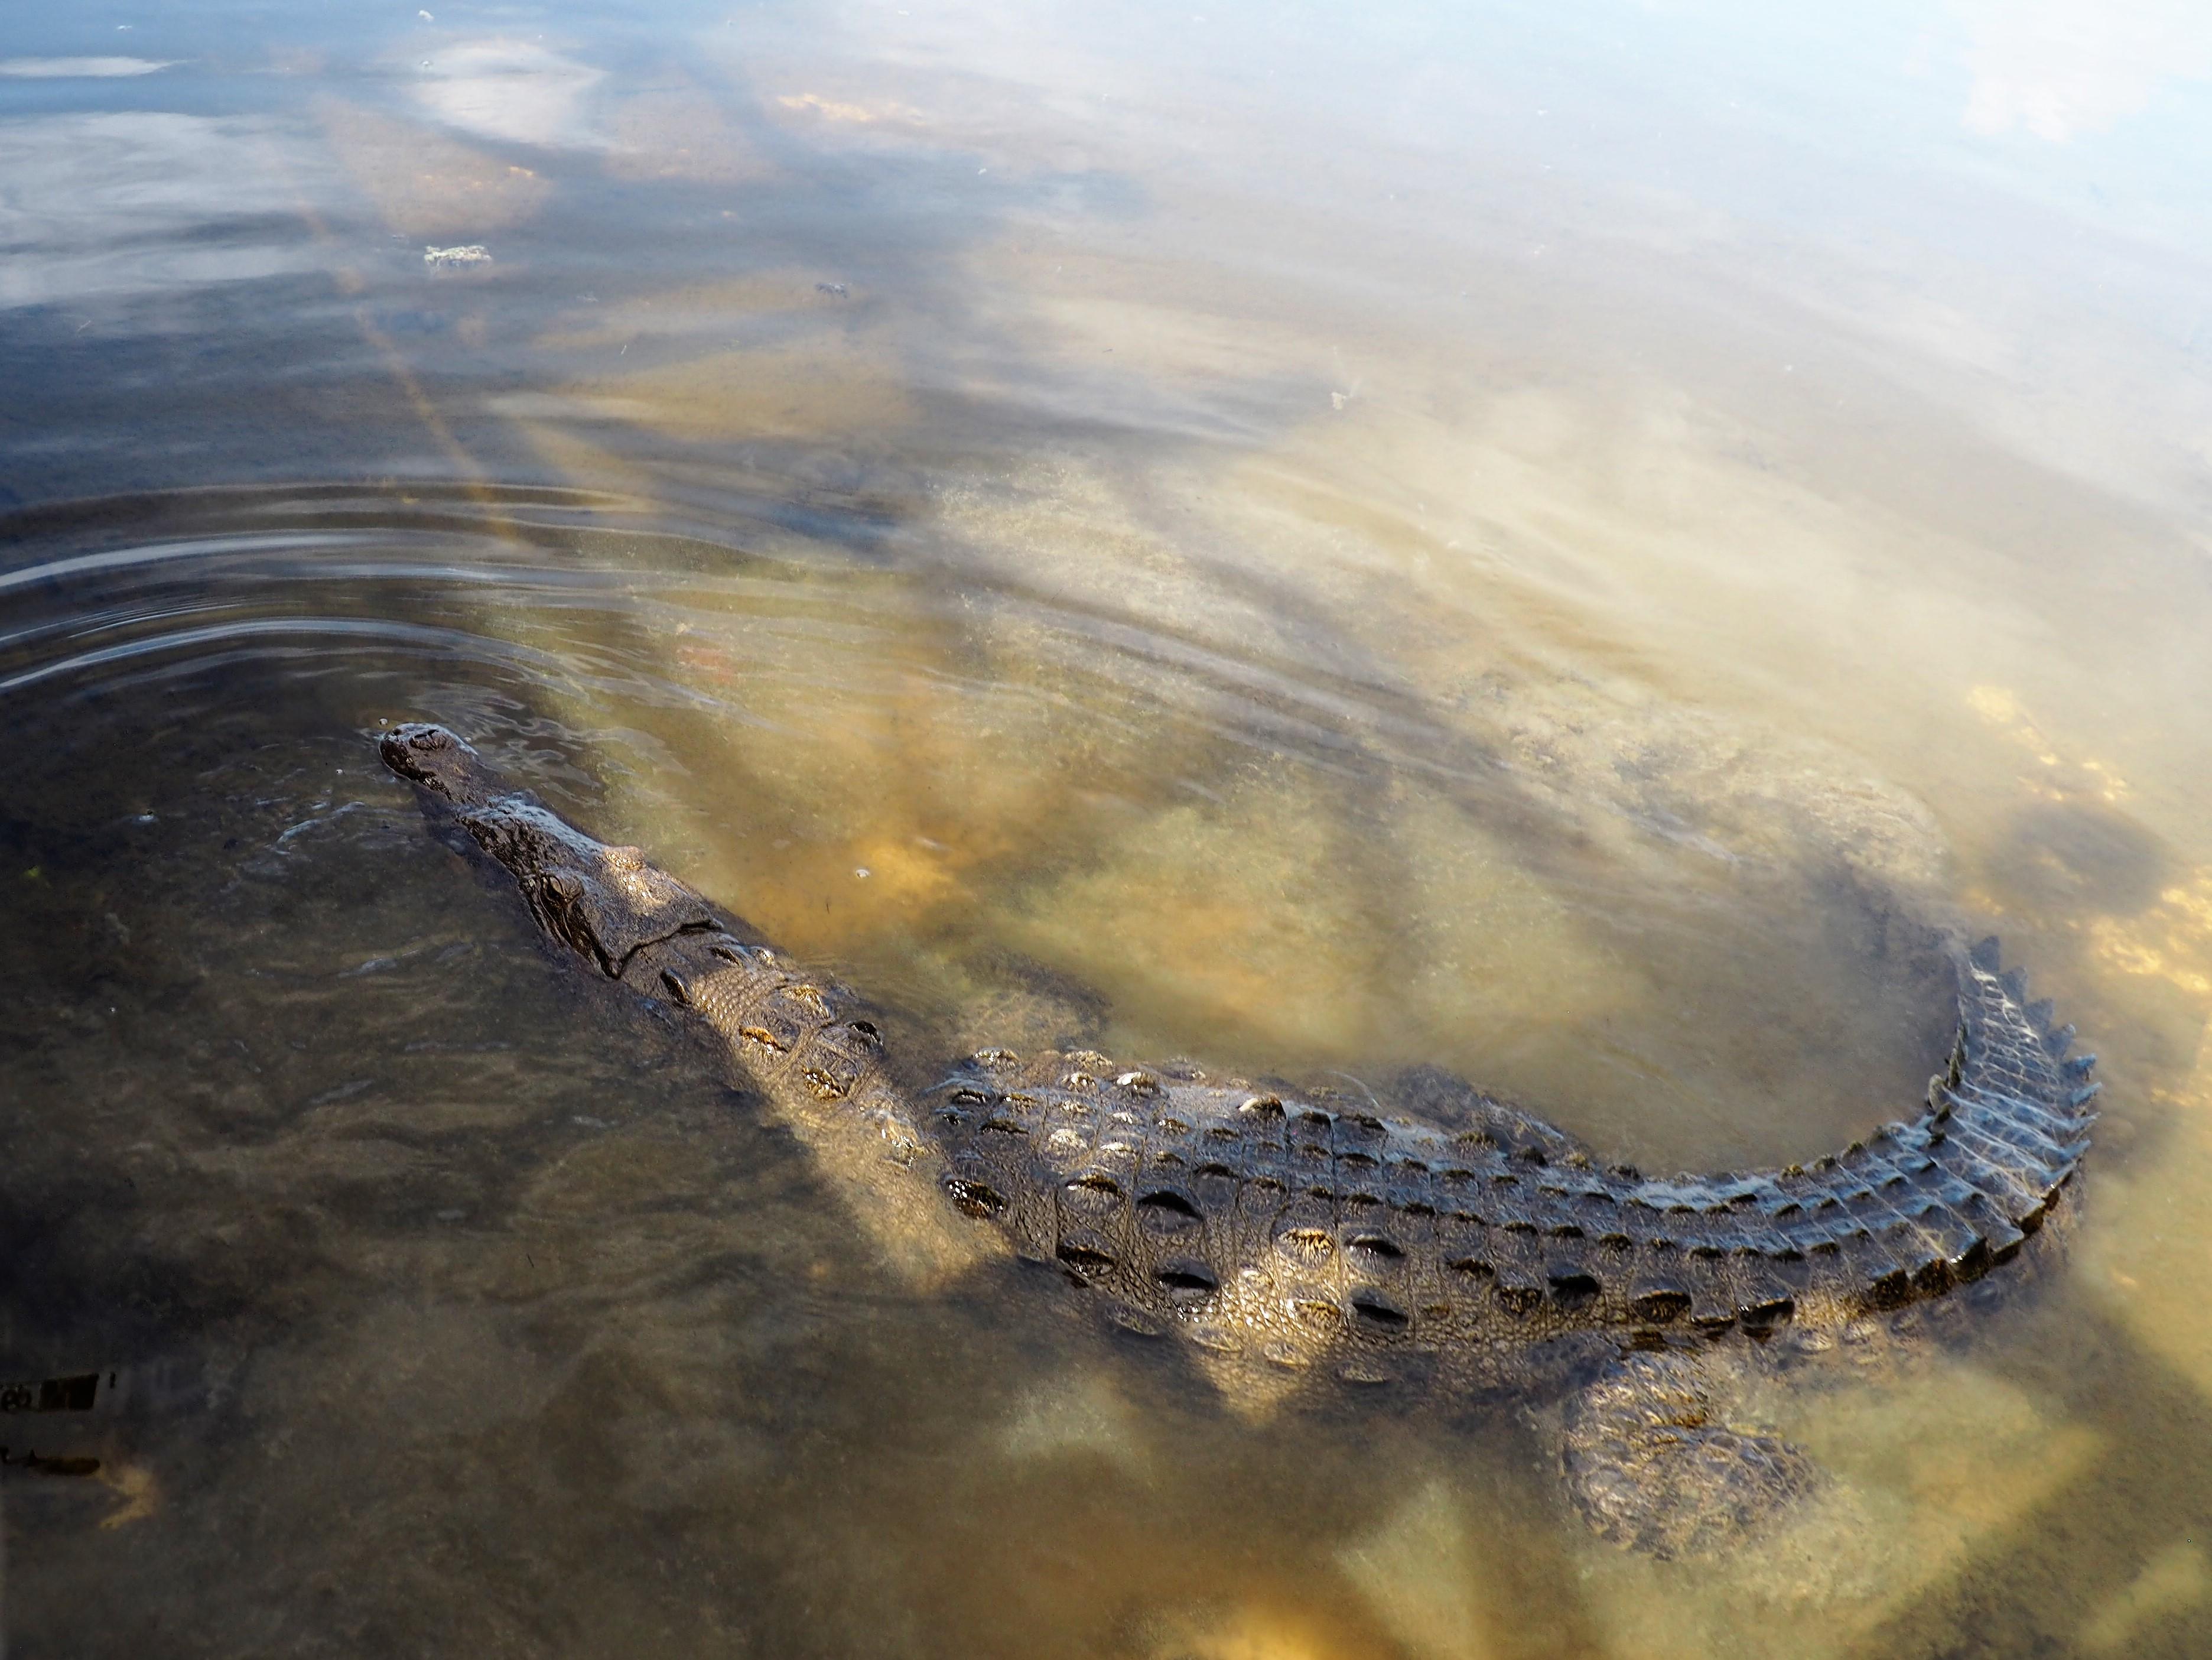 Krokodil im der Lagune des Punta Sur Nationalparks auf Cozumel, Mexiko